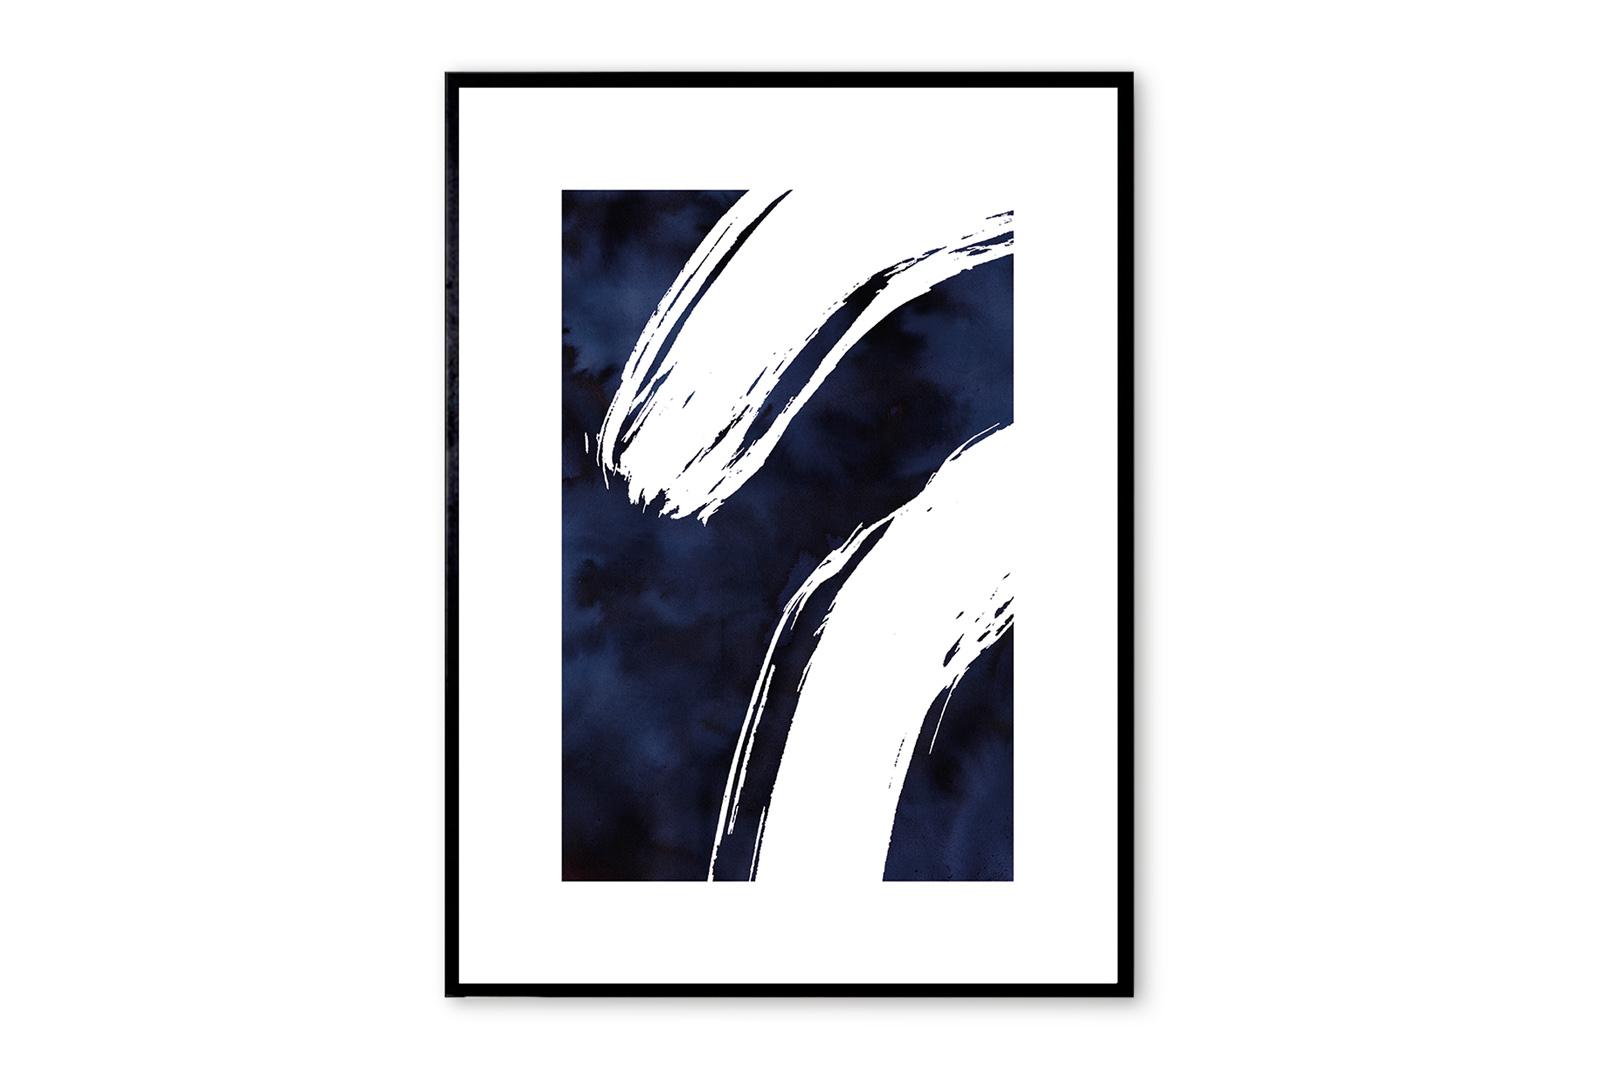 THE POSTER CLUB × MIJO studio ポスター/アートプリント 50×70cm Midnight【イラスト インテリア 北欧雑貨 おしゃれ 壁掛け 絵画 パネル モダン モノクロ モノトーン デンマーク コペンハーゲン】